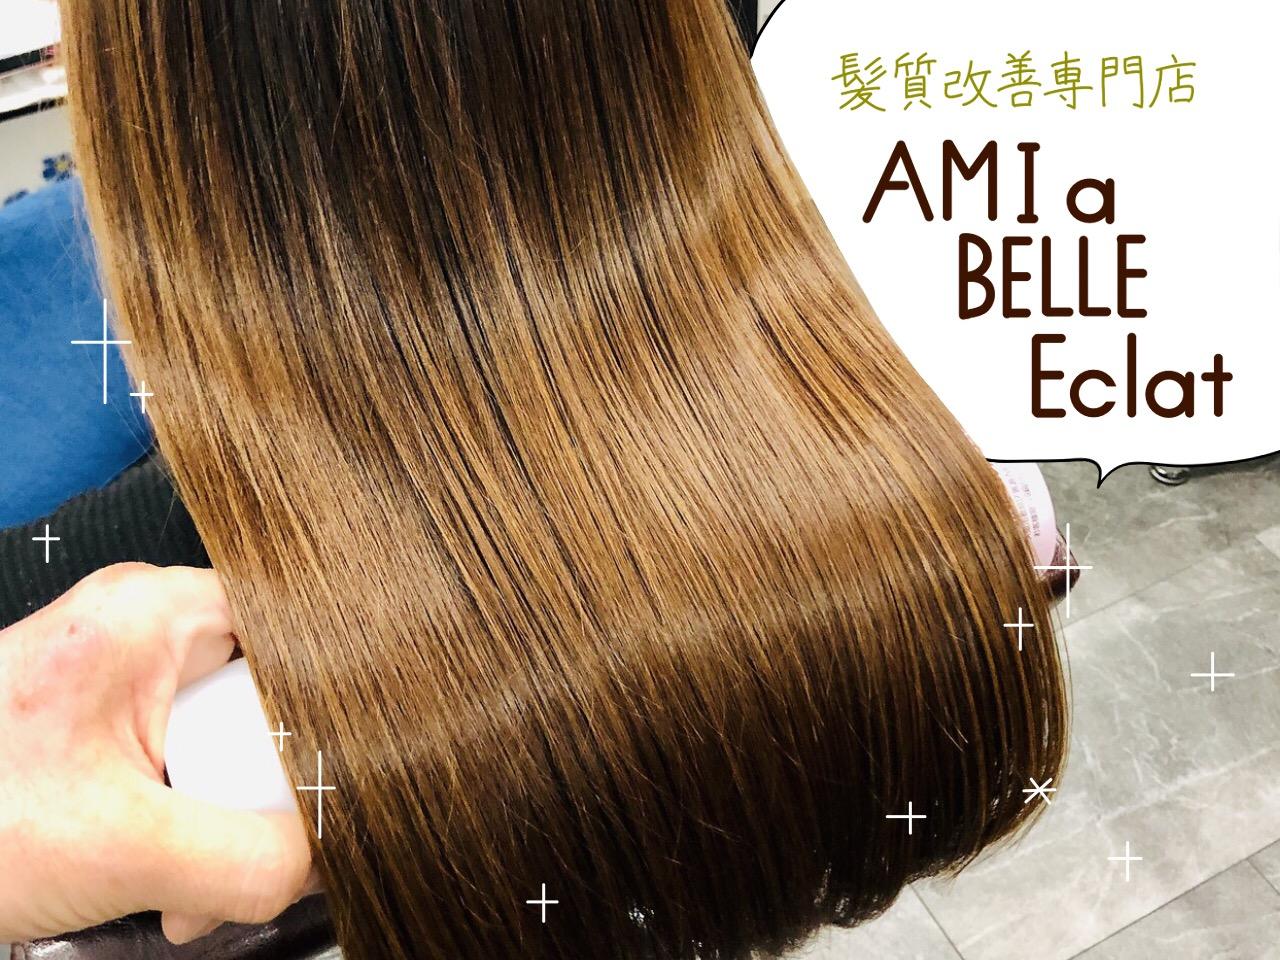 髪質改善専門店 AMI a BELLE Eclat